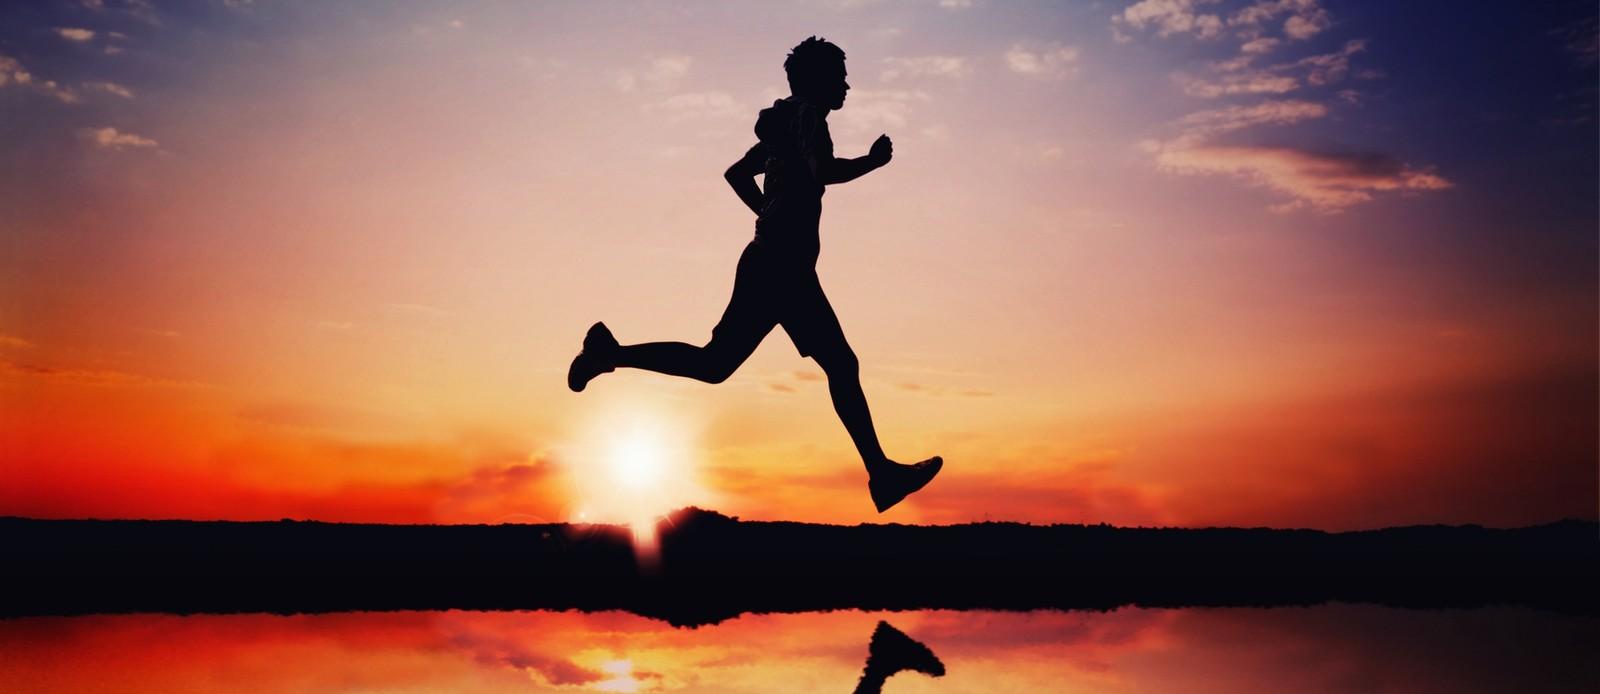 Correr é alegria (getty images)